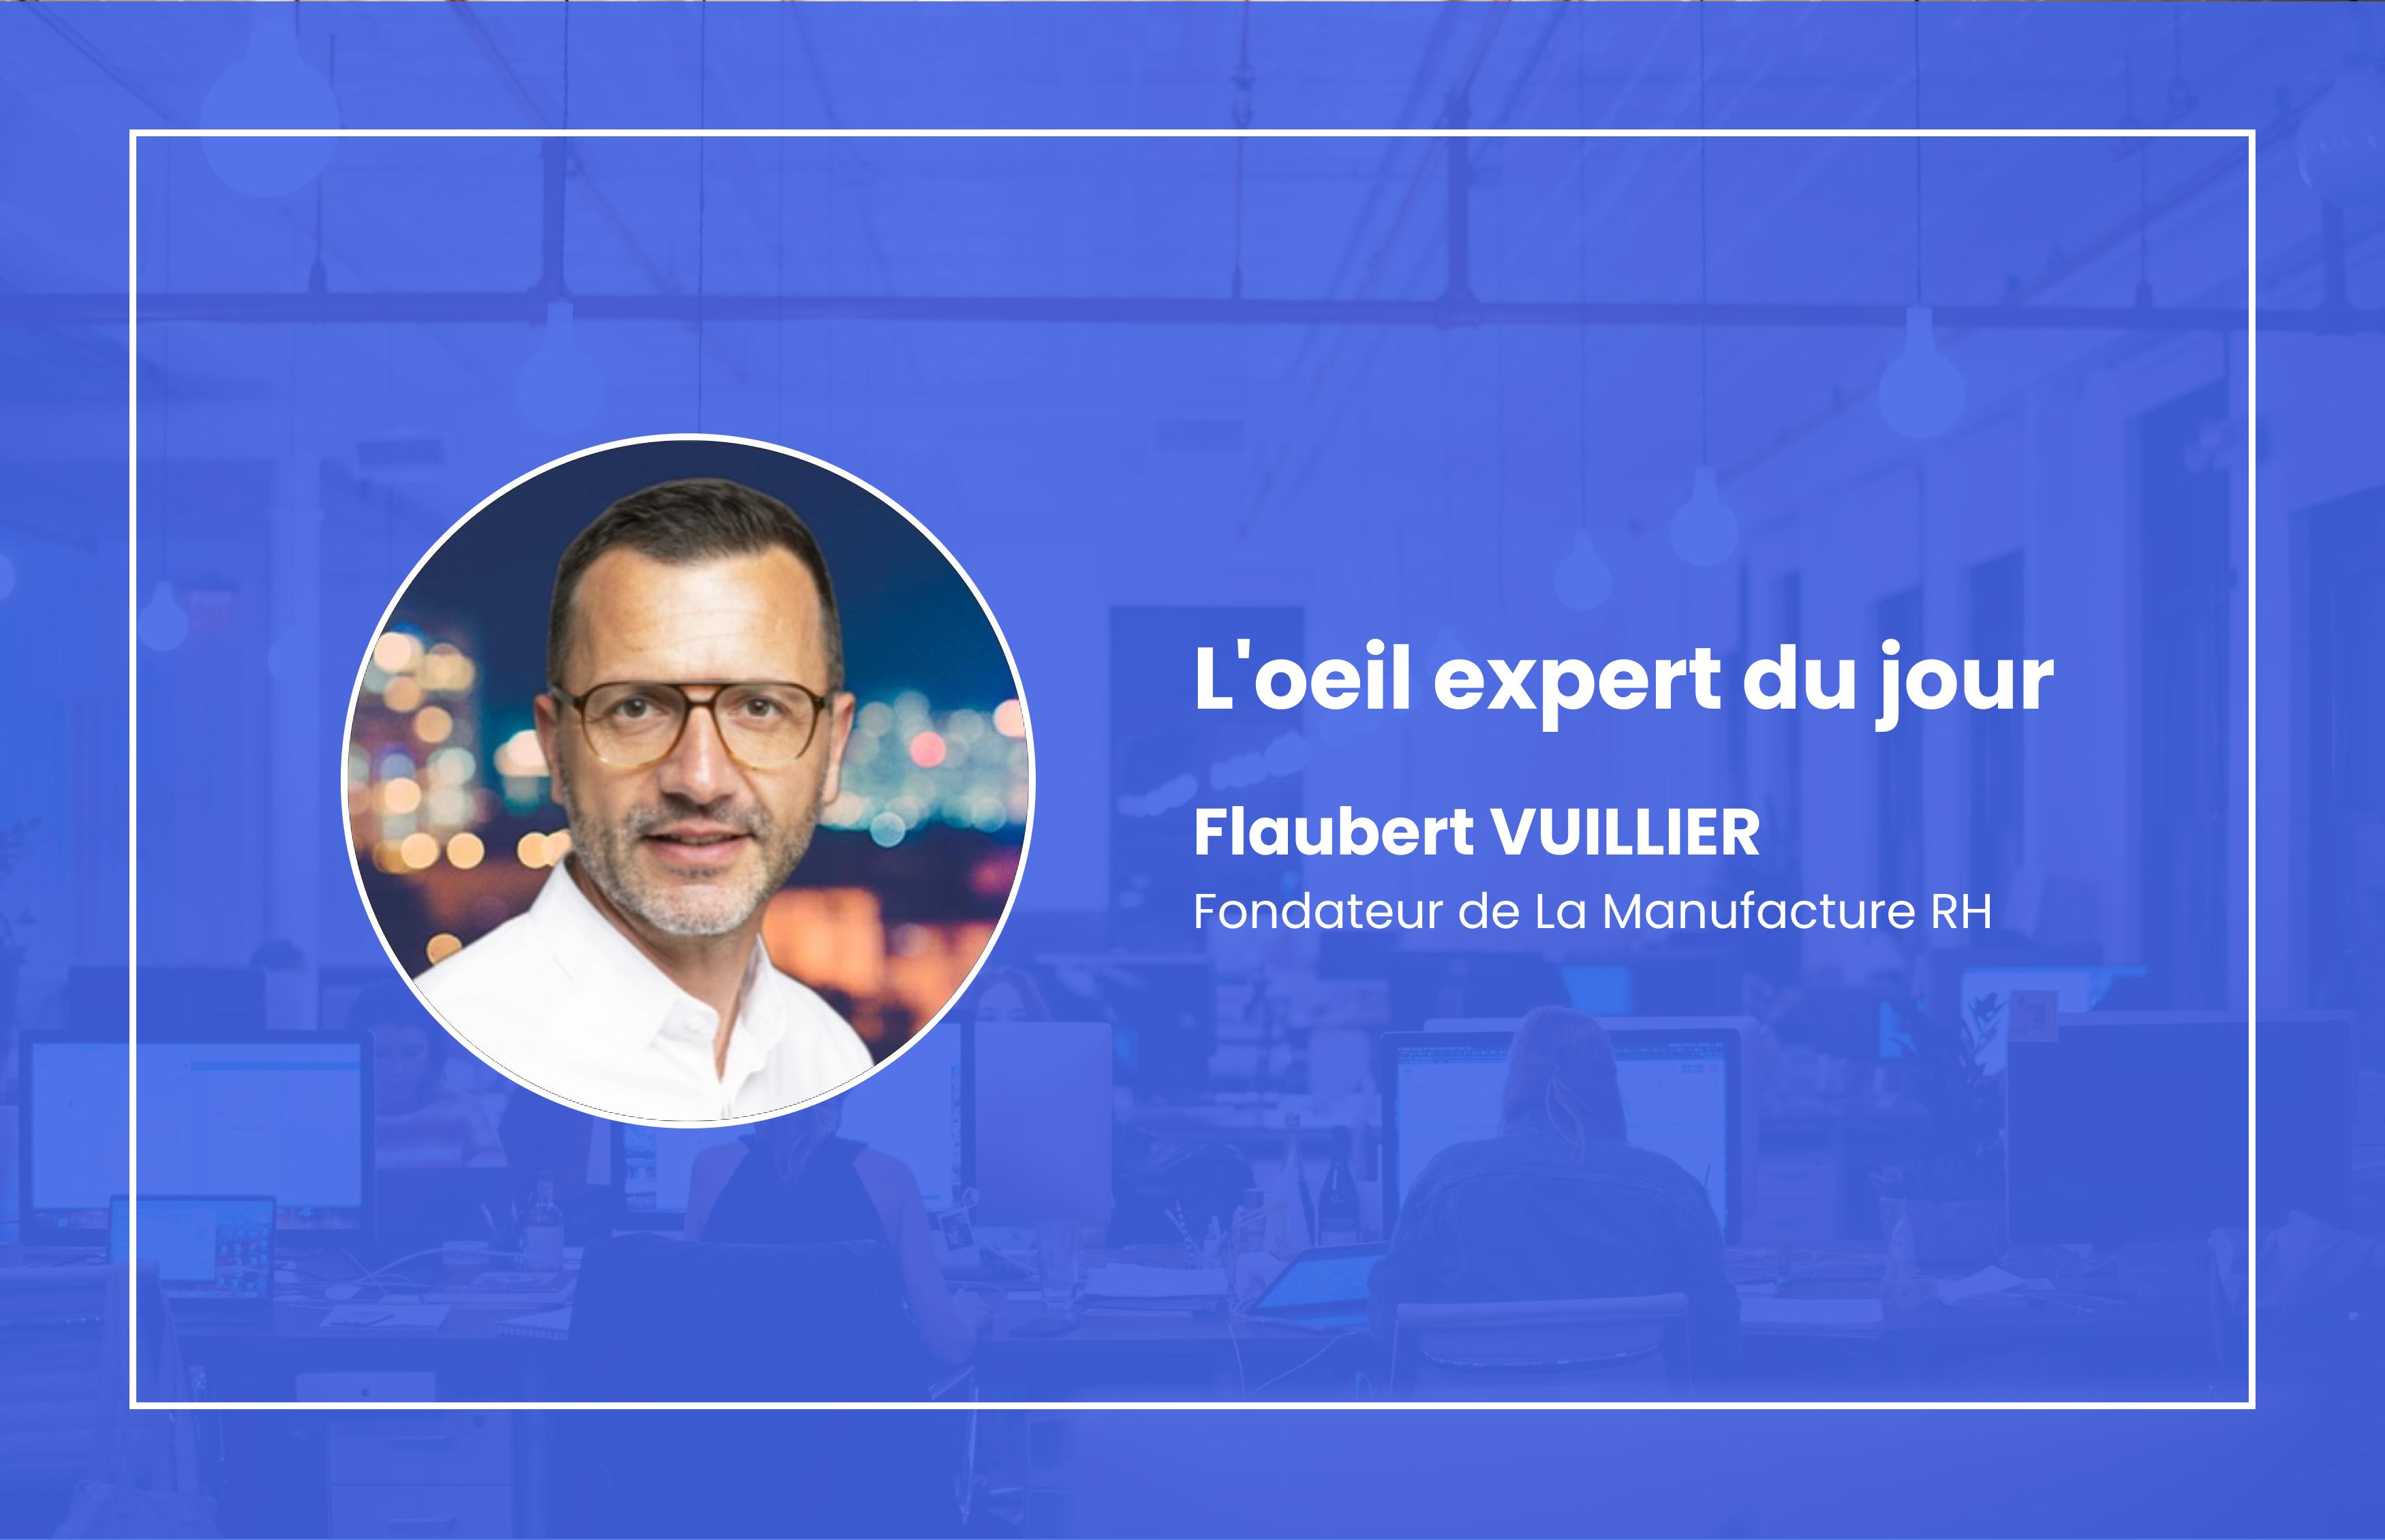 L'oeil expert de Flaubert Vuillier, fondateur de La Manufacture RH